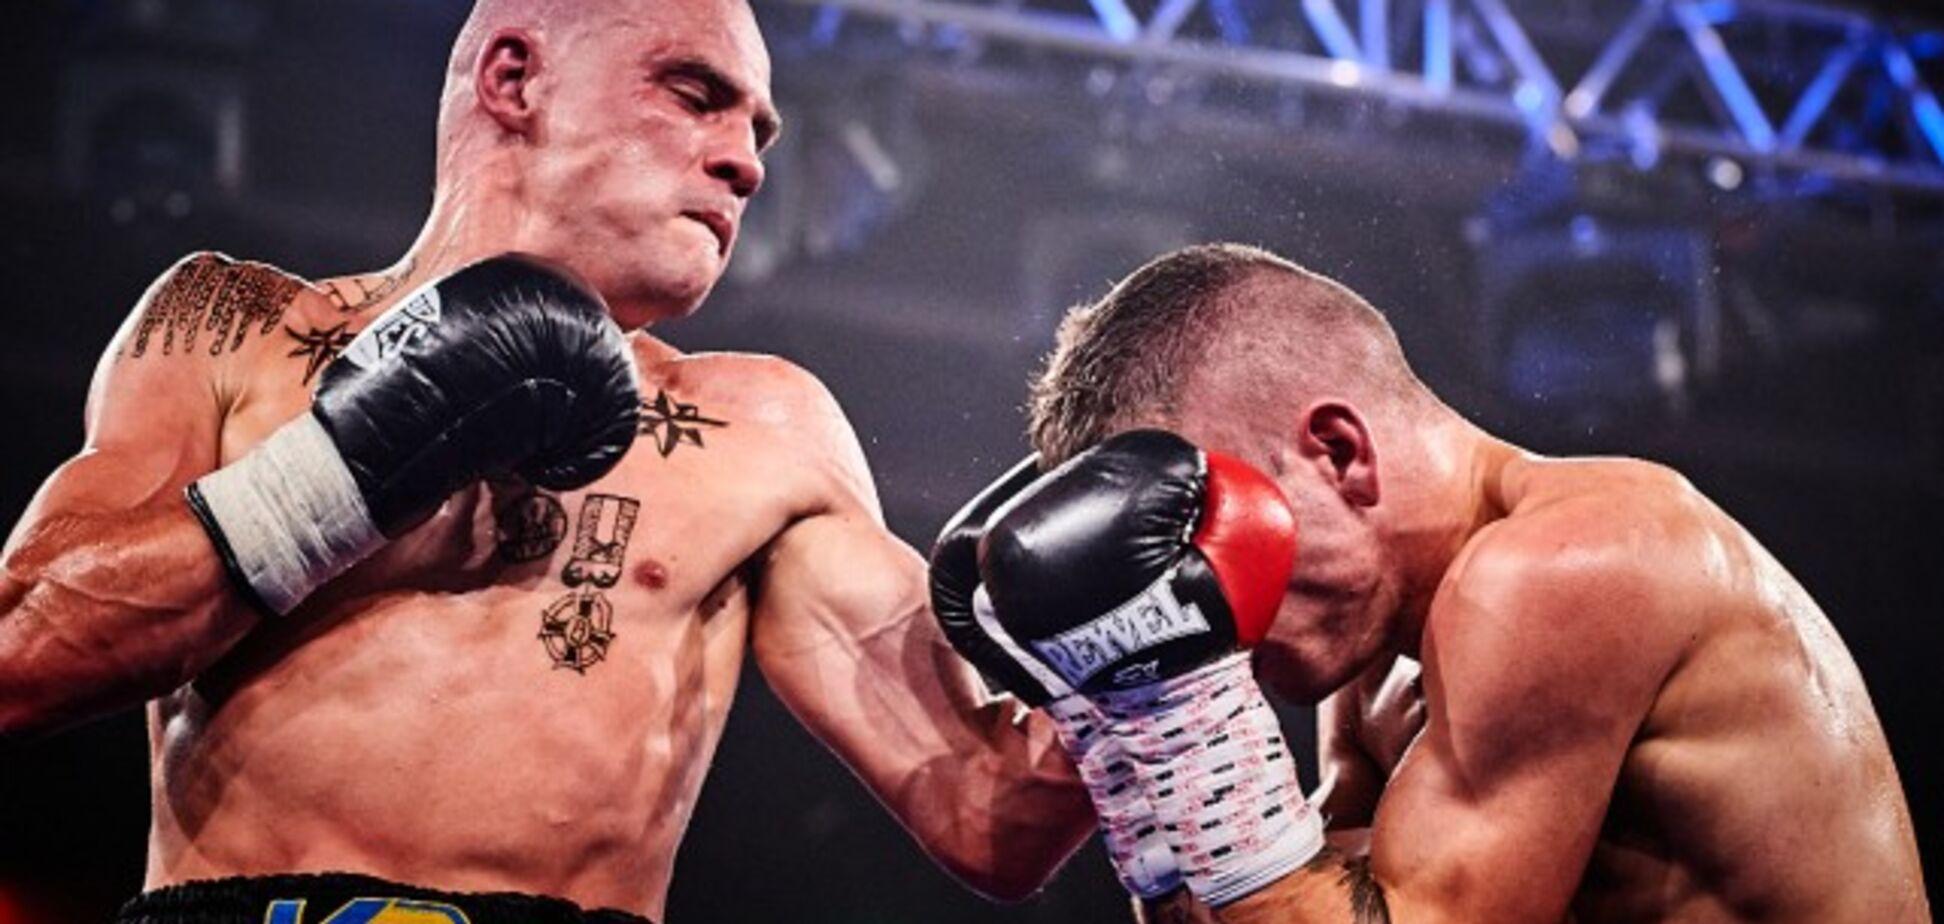 Где смотреть Беринчик - Валлеспин: расписание трансляций чемпионского боя